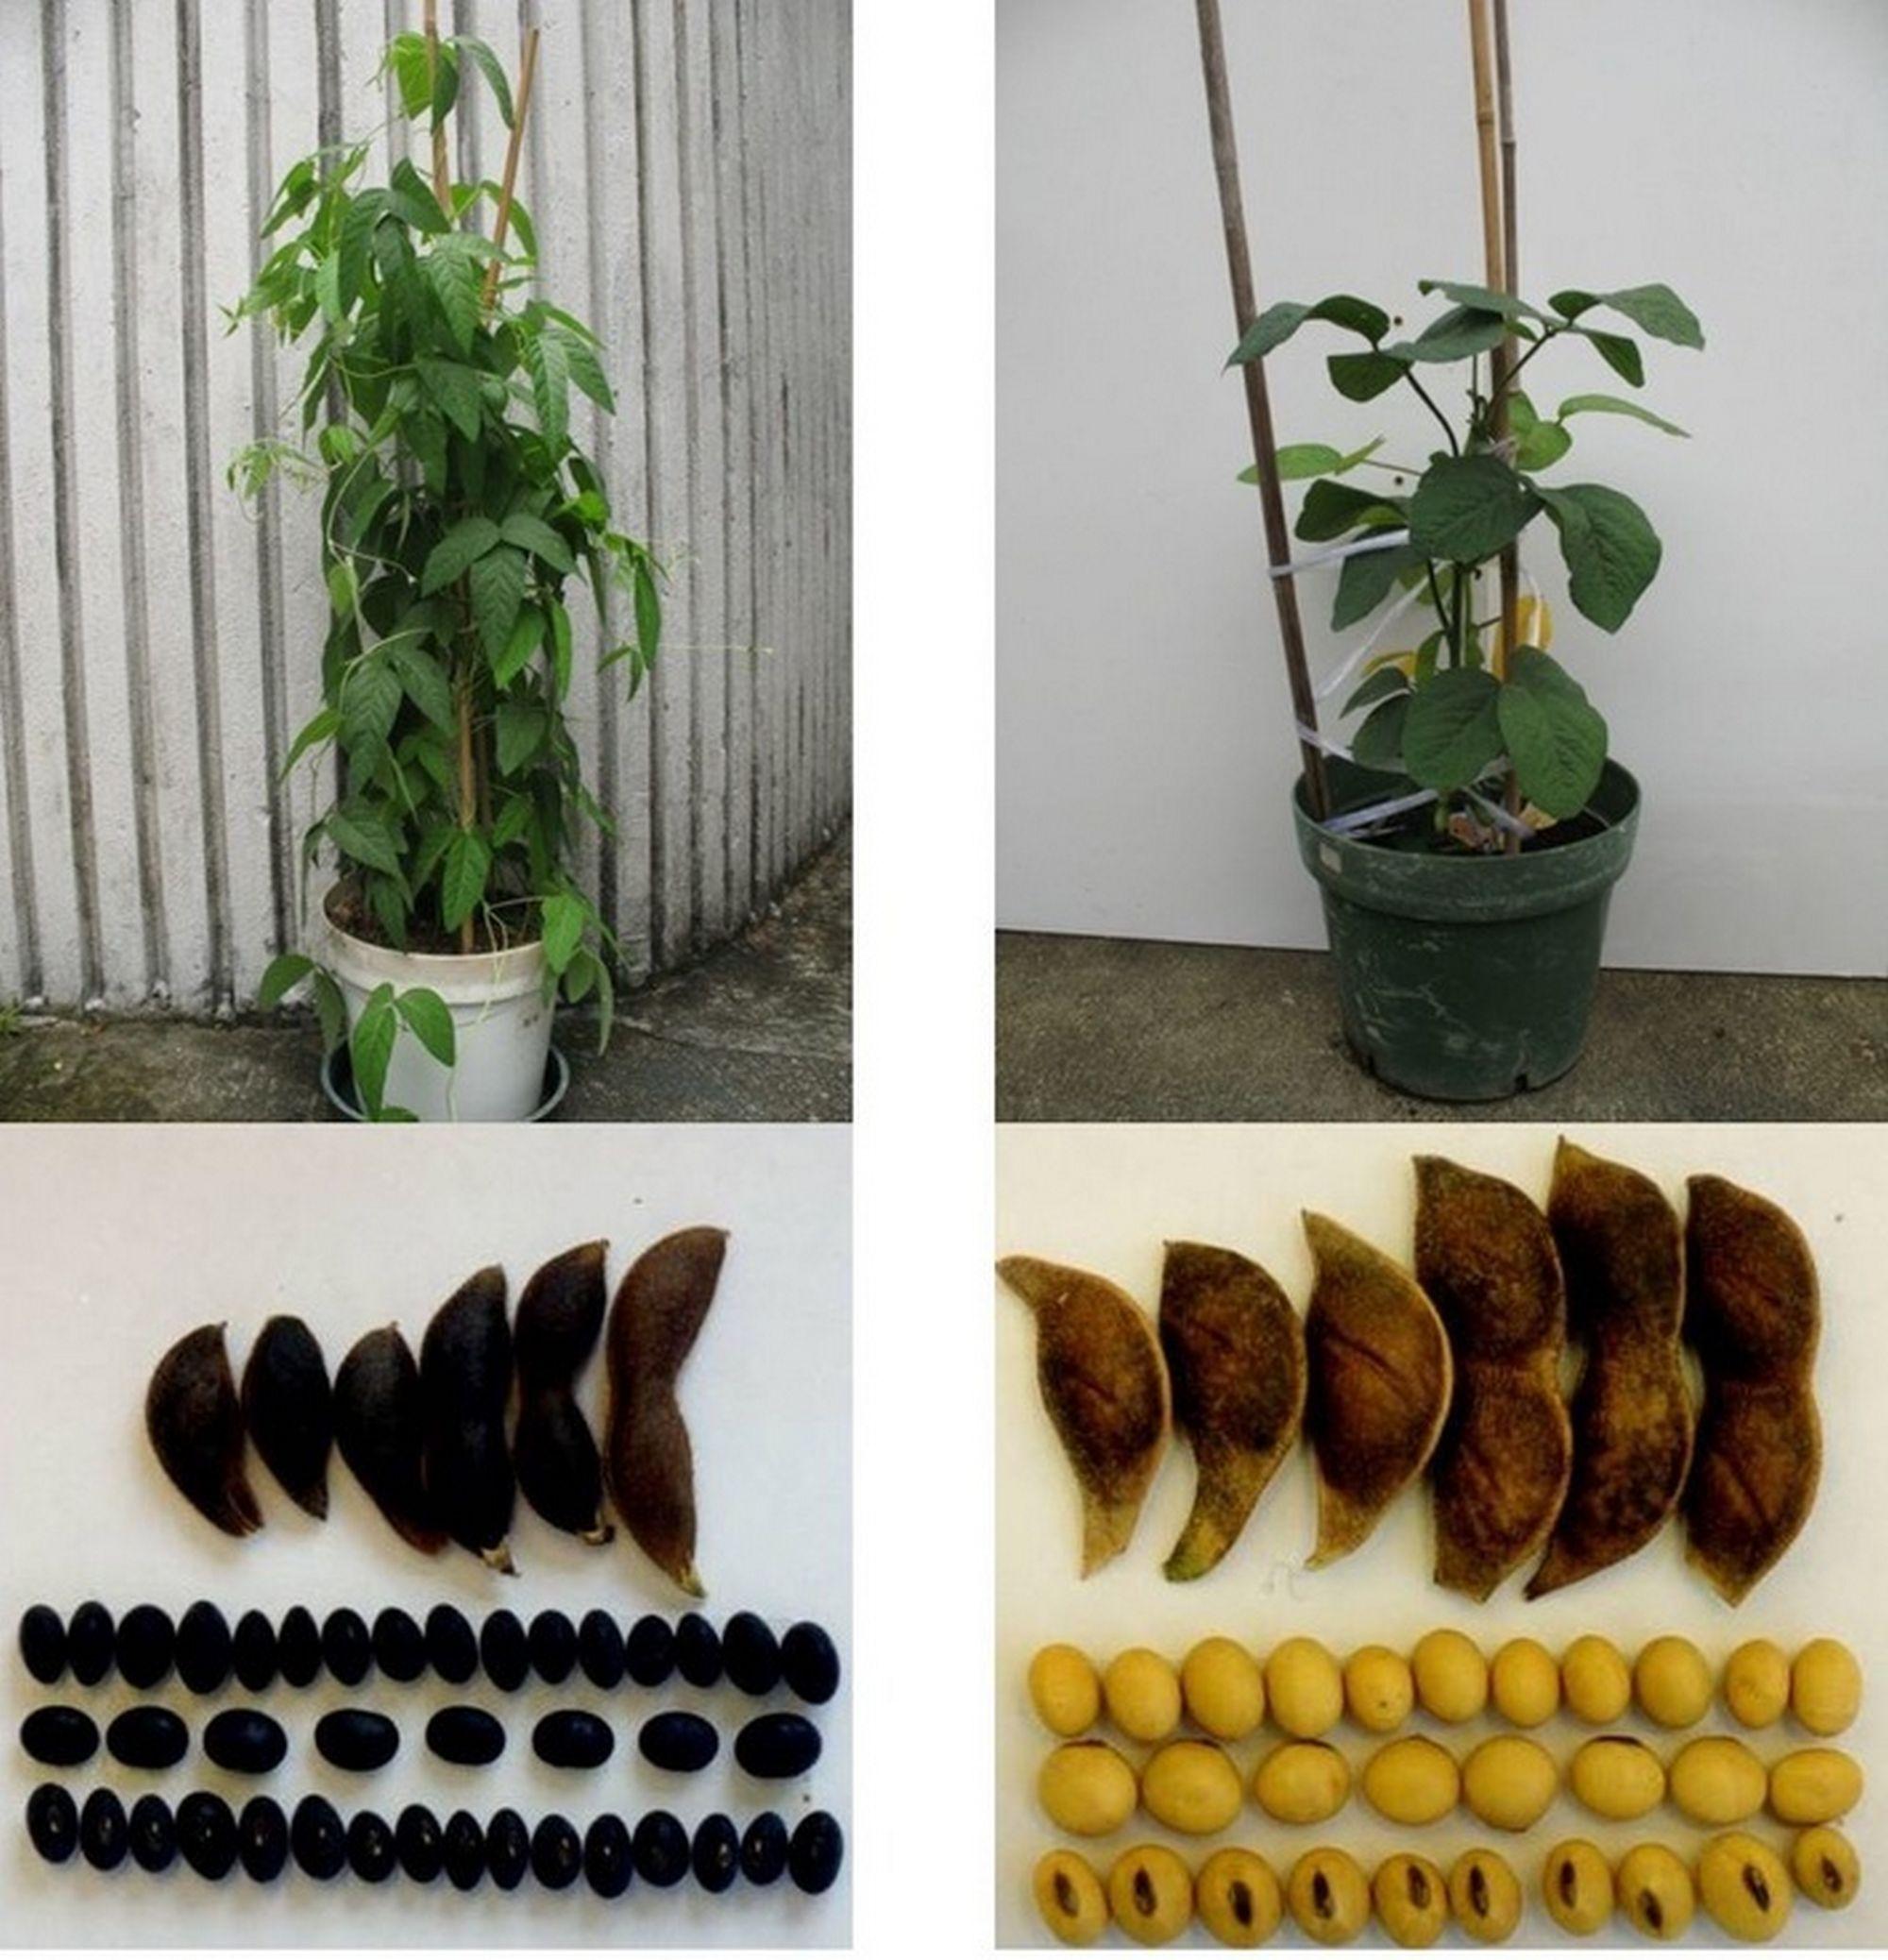 野生大豆W05(左)及培植大豆